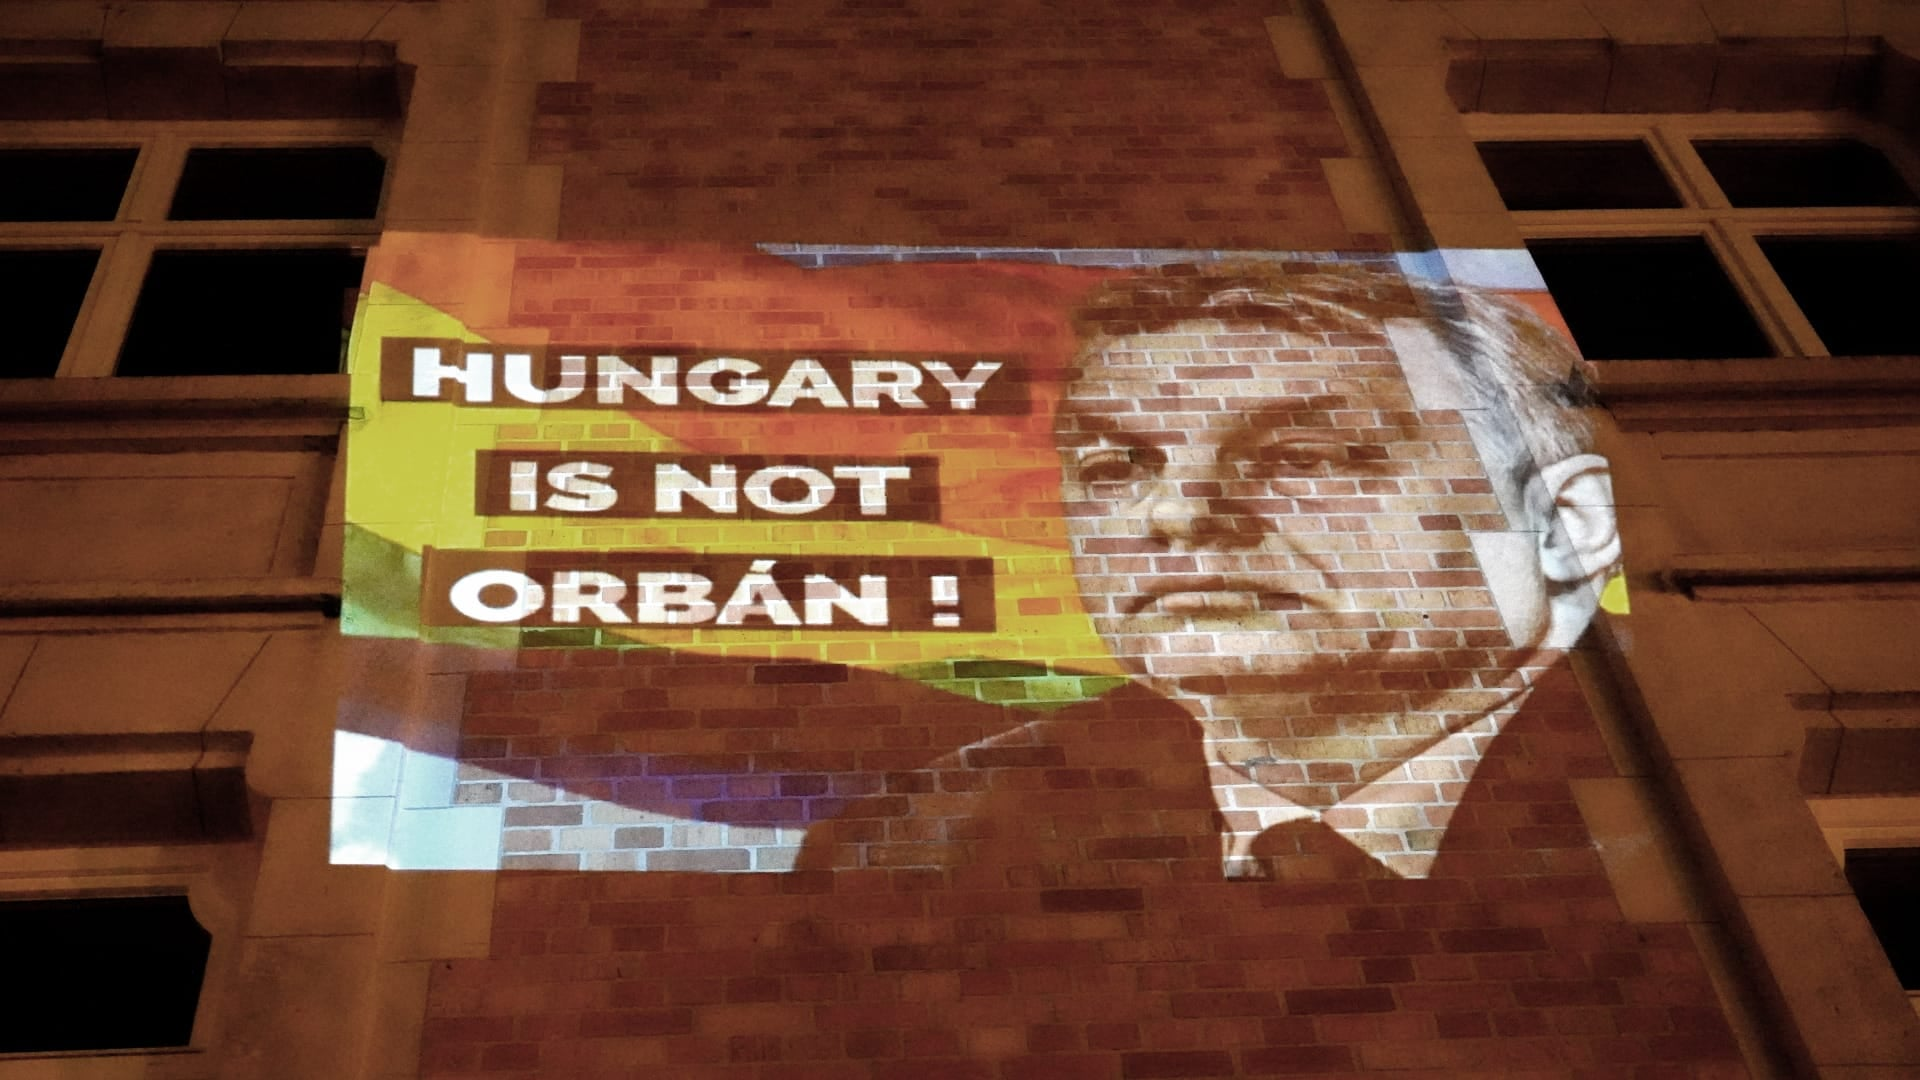 A DK odavetítette a brüsszeli Fidesz-iroda falára, hogy HUNGARY IS NOT ORBÁN!